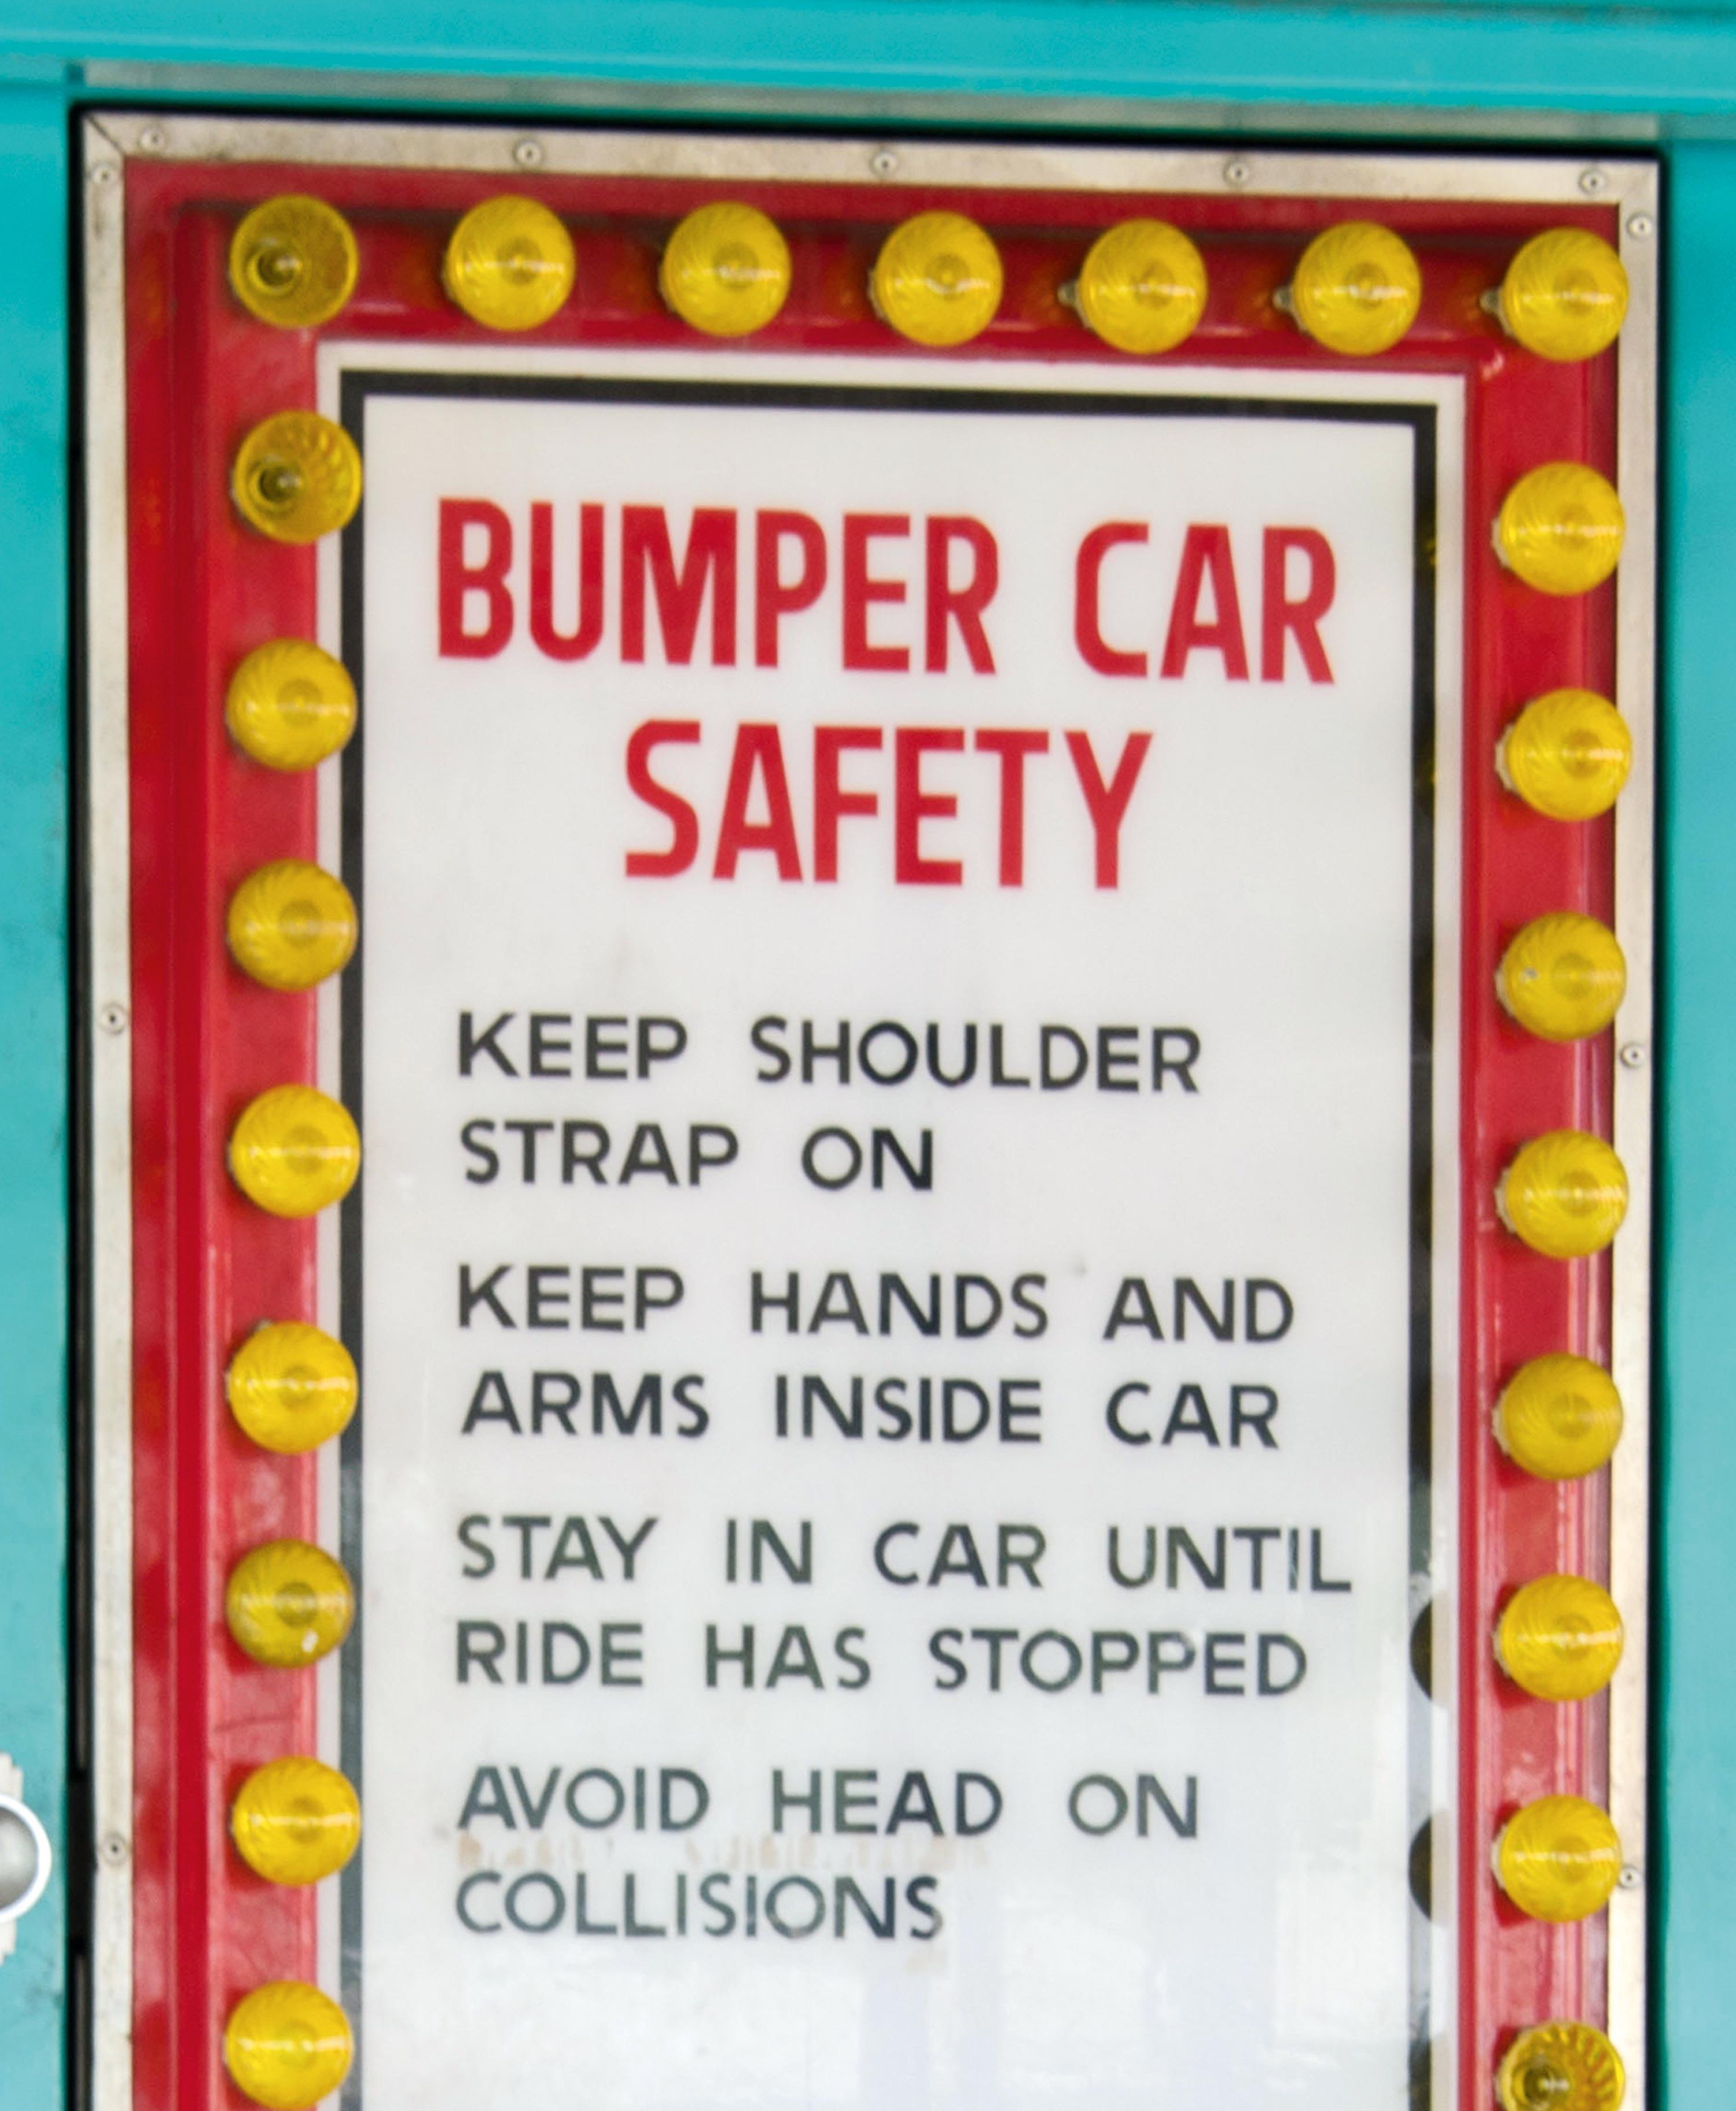 Bumper car safety